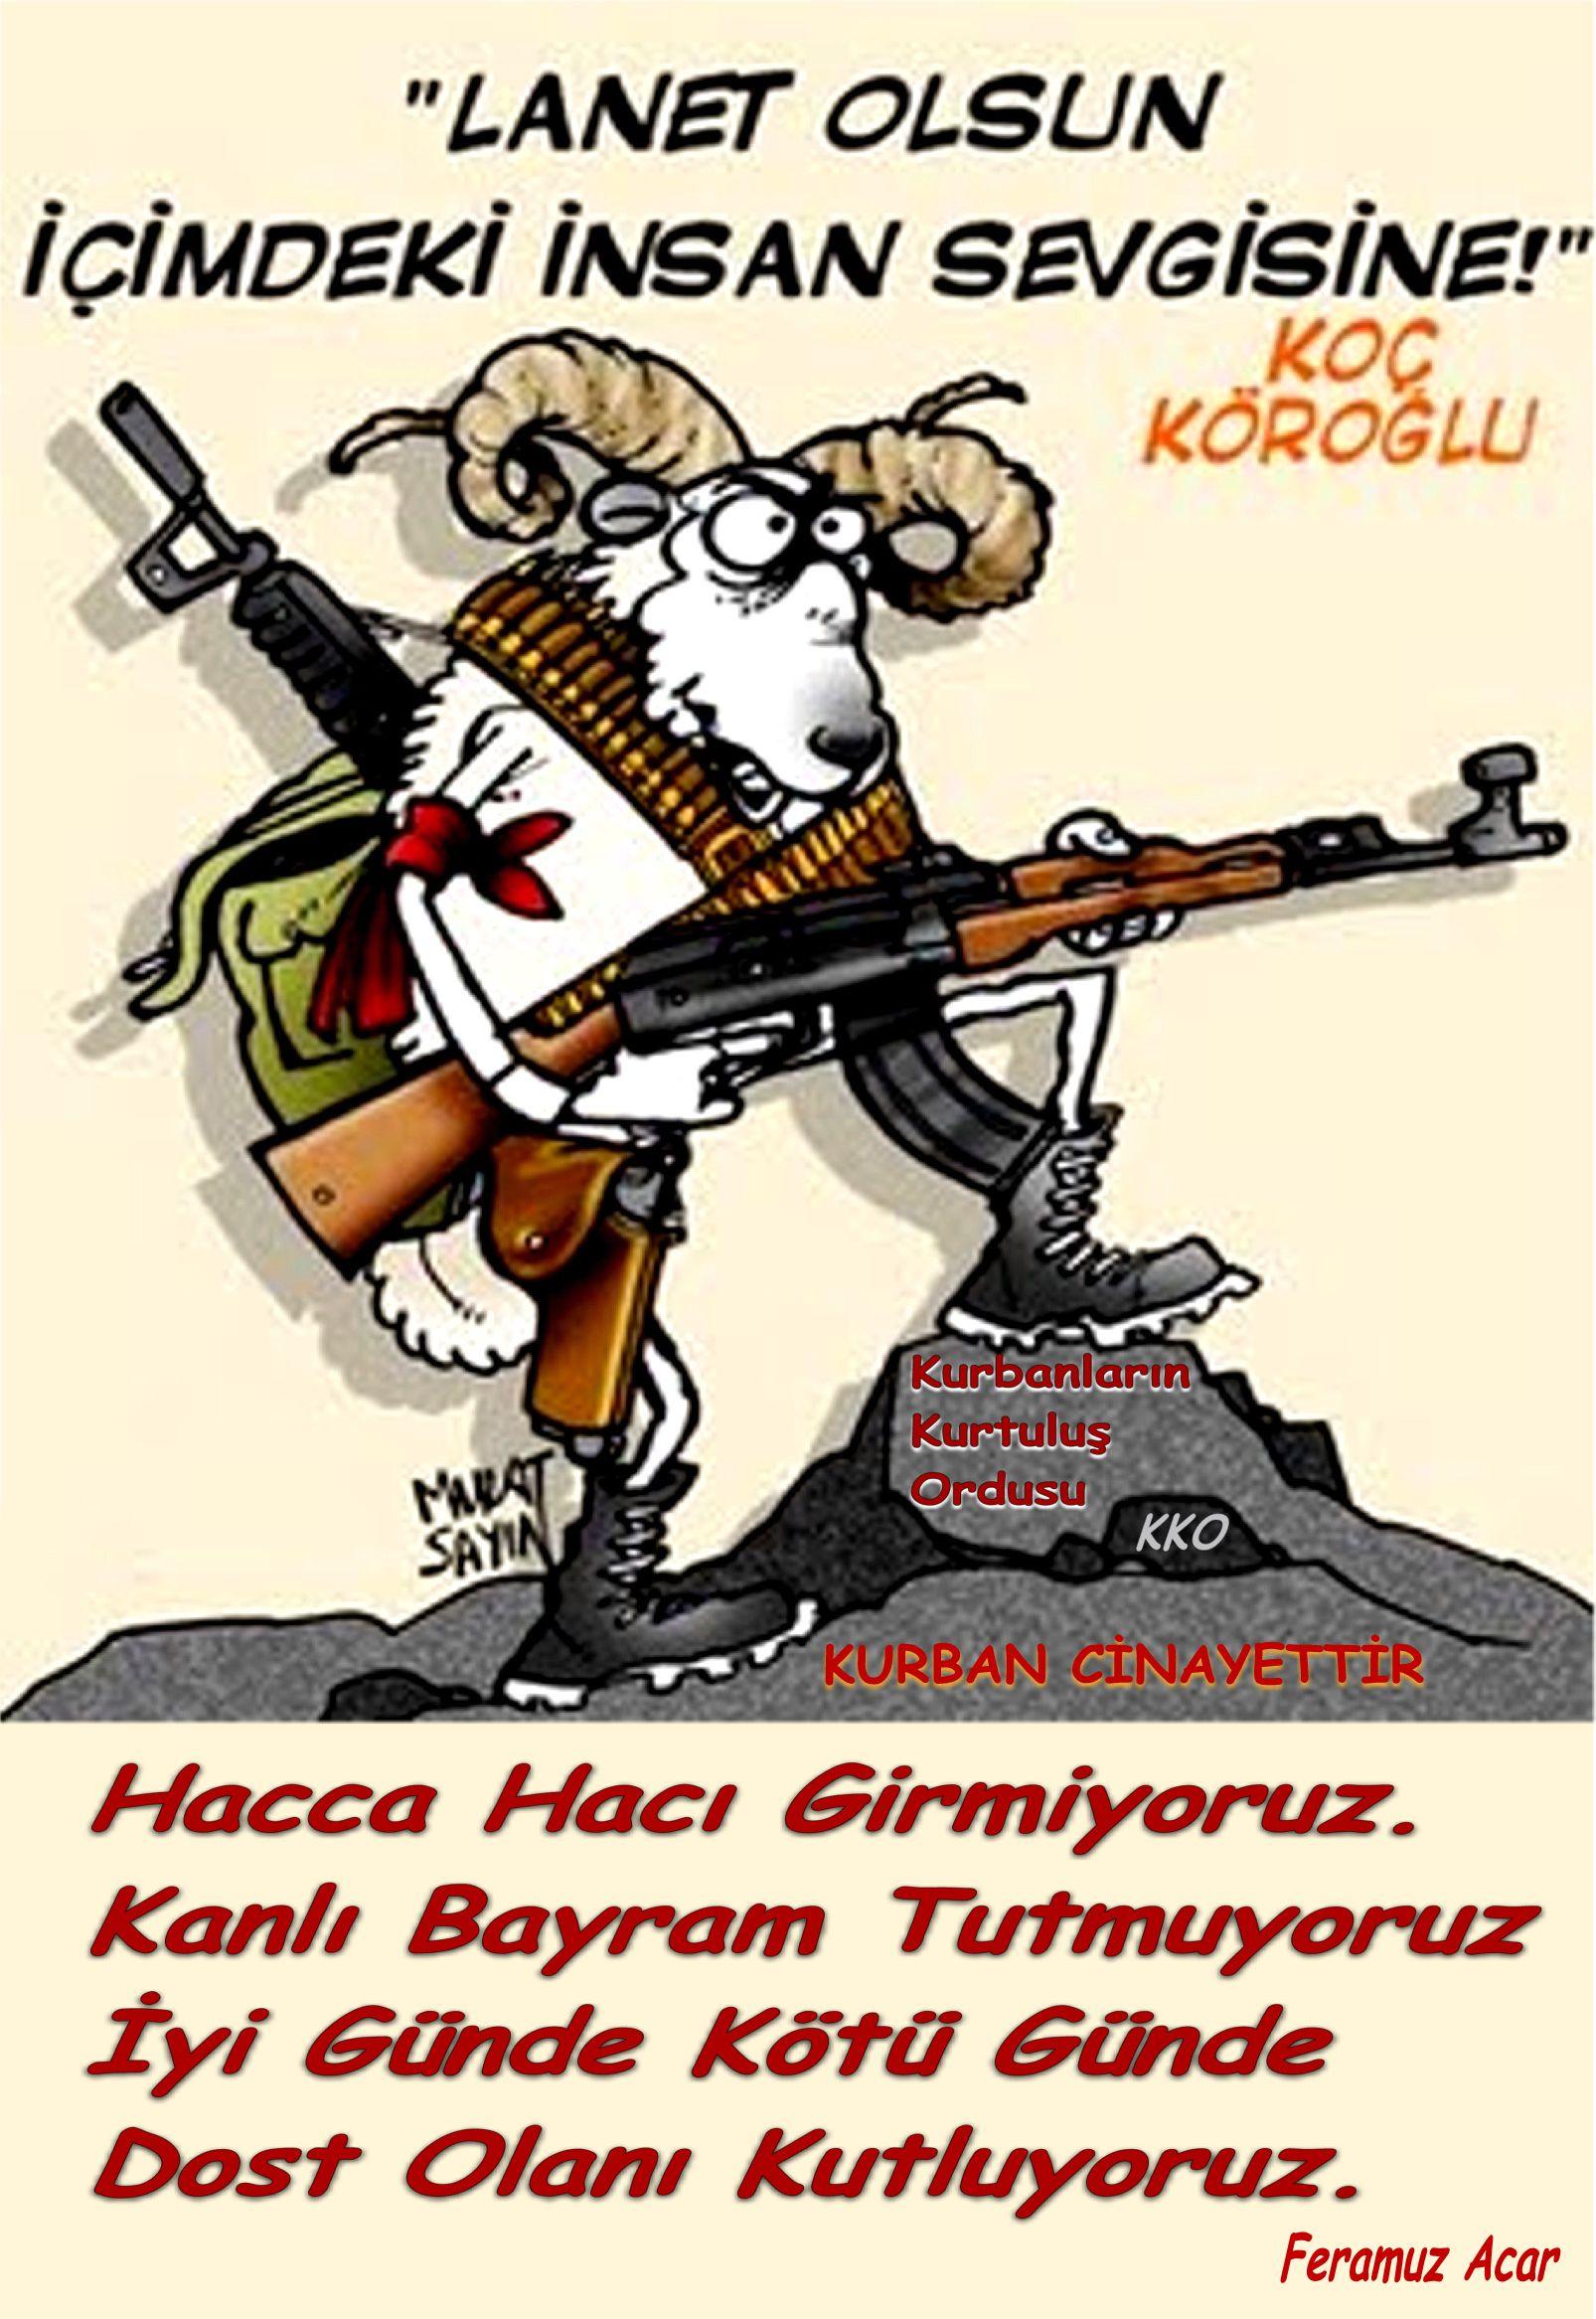 Devrimci Aleviler Birliği DAB Alevi Kızılbaş Bektaşi pir sultan cem hz Ali 12 imam semah Feramuz Şah Acar KOcKorogluKurban KKO